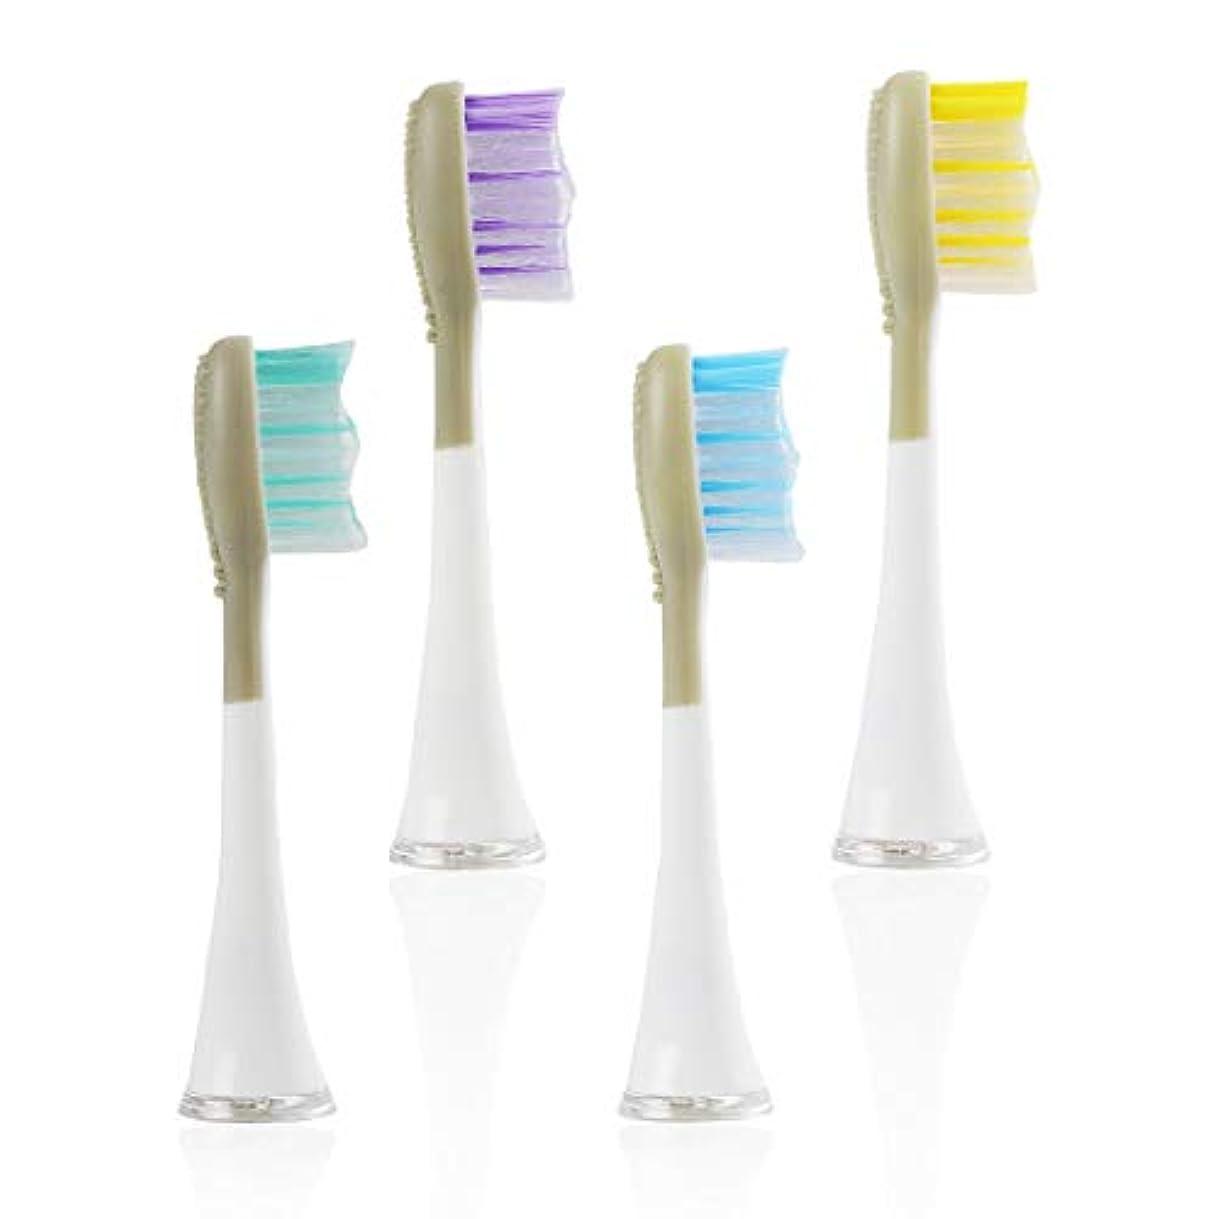 もっと少なくドライブ手書きQurra 音波式電動歯ブラシ 替えブラシ 4本セット 舌ブラシ付き ワイヤレス充電 IPX7防水 3モード搭載 歯垢除去 ホワイトニング - 替えブラシ4本